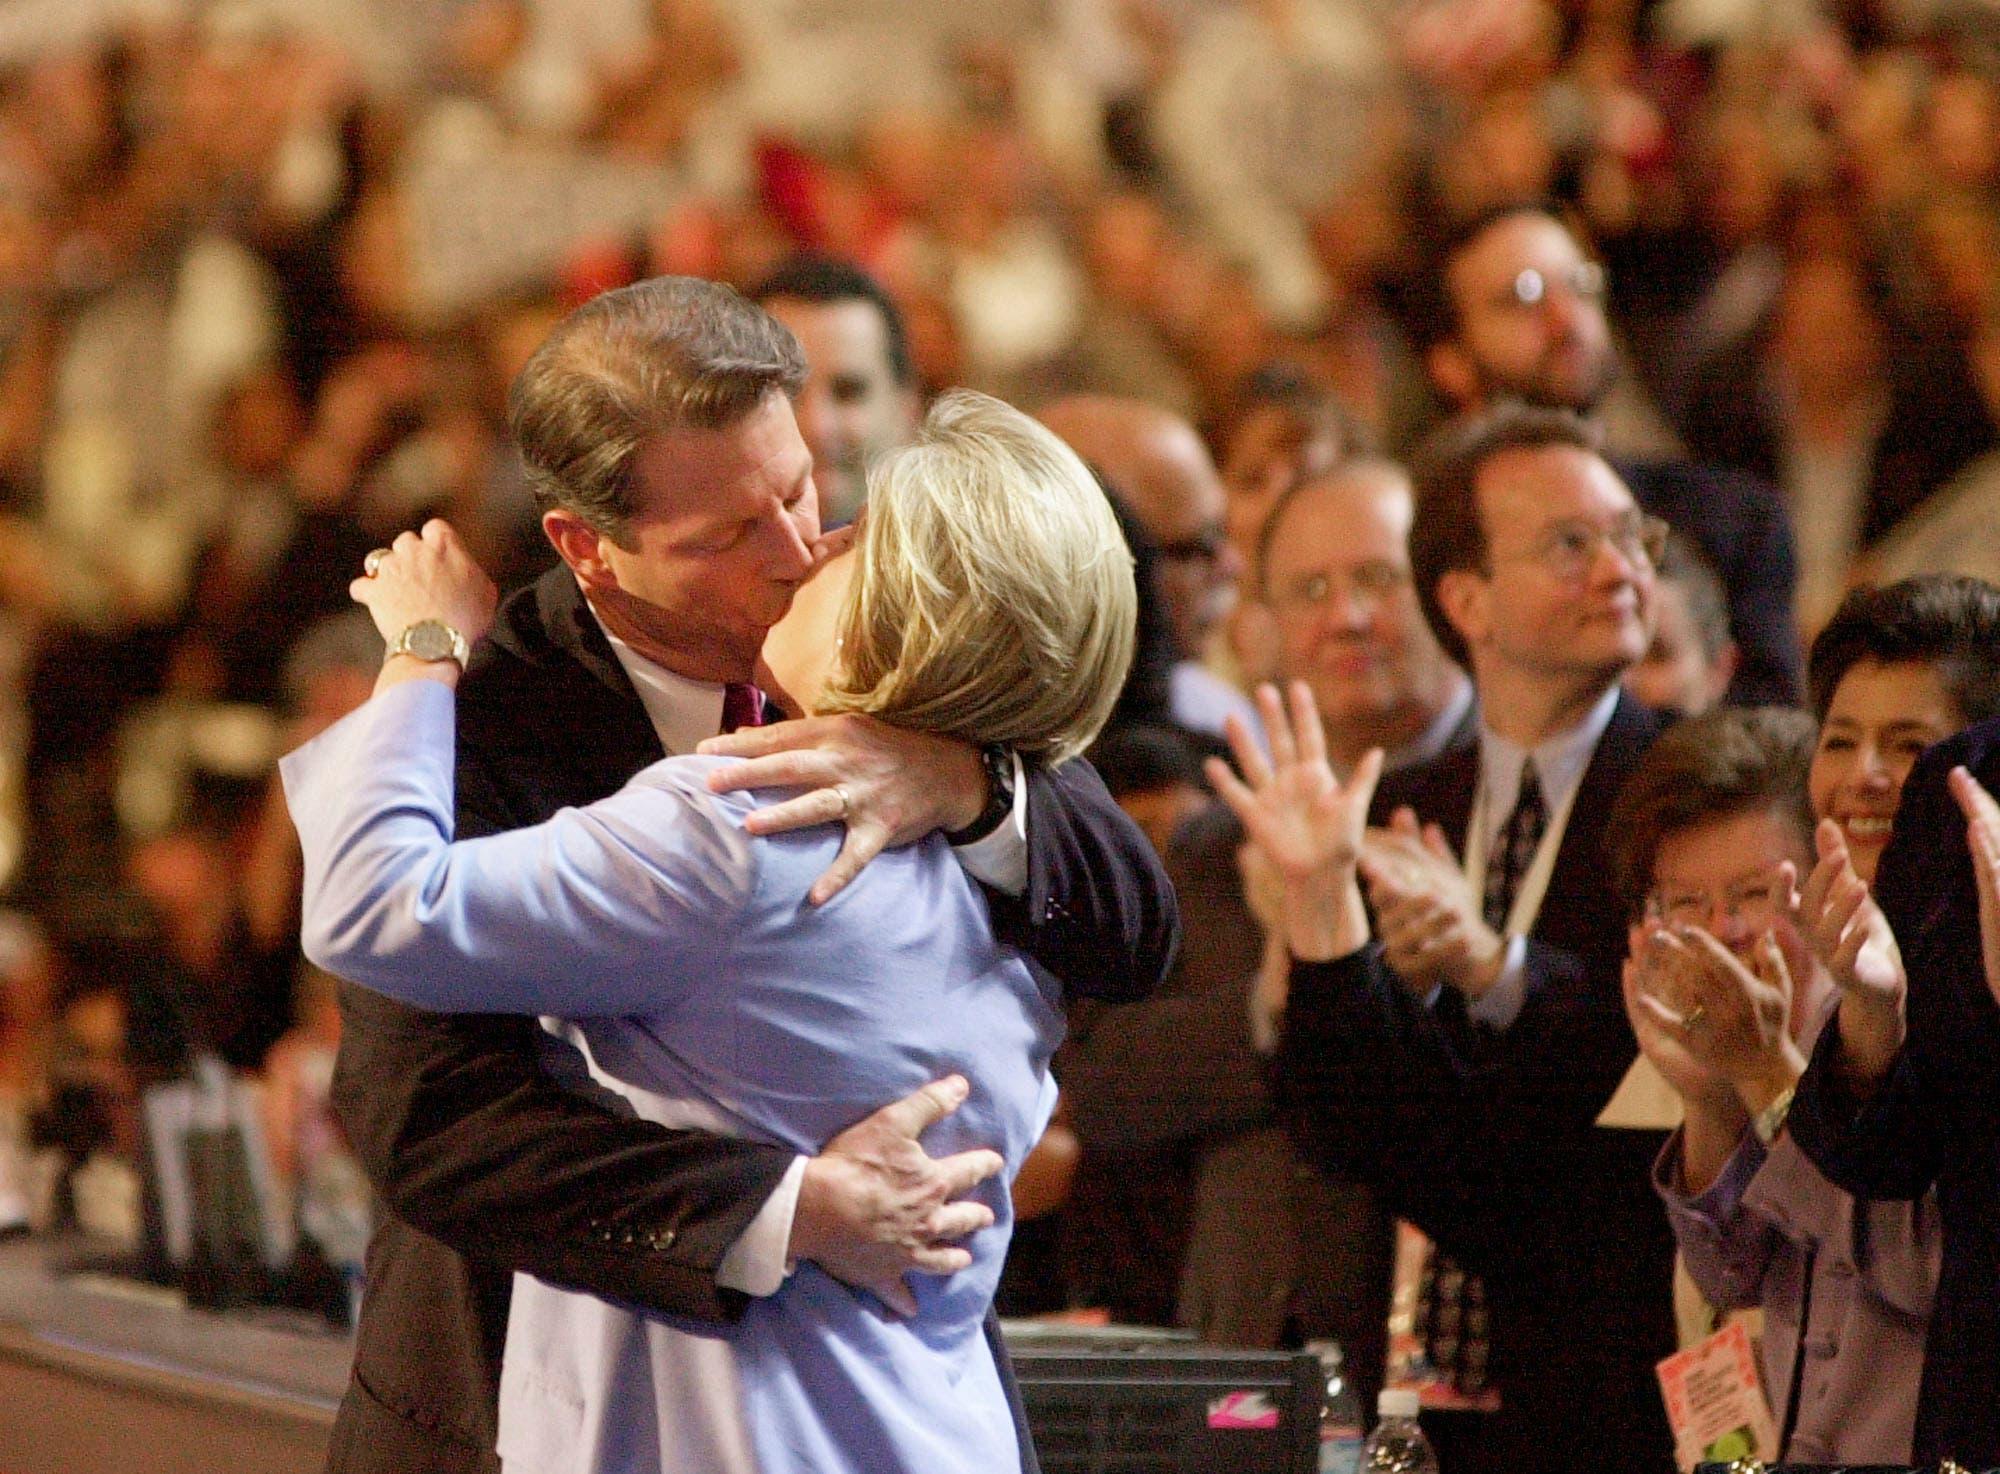 Al Gore, 2000 Los Angeles Al Gore hatte Bill Clinton acht Jahre lang als Vizepräsident gedient und versuchte 2000 sein eigenes Glück. Während des Vorwahlkampfs wurden seine roboterhaften Auftritte von Anhängern oft kritisiert. Gore wusste, dass der Parteitag der Demokraten eine gute Gelegenheit war, dieses Image loszuwerden. Er griff dafür zum wirksamsten Mittel überhaupt: Statt mit Worten begeisterte er die Menge primär mit dem filmreifen Kuss, den er seiner Frau Tipper auf der Bühne vor den Augen der Nation gab. Ganze drei Sekunden dauerte die Szene. Gore verlor die Wahlen trotzdem gegen George W. Bush.